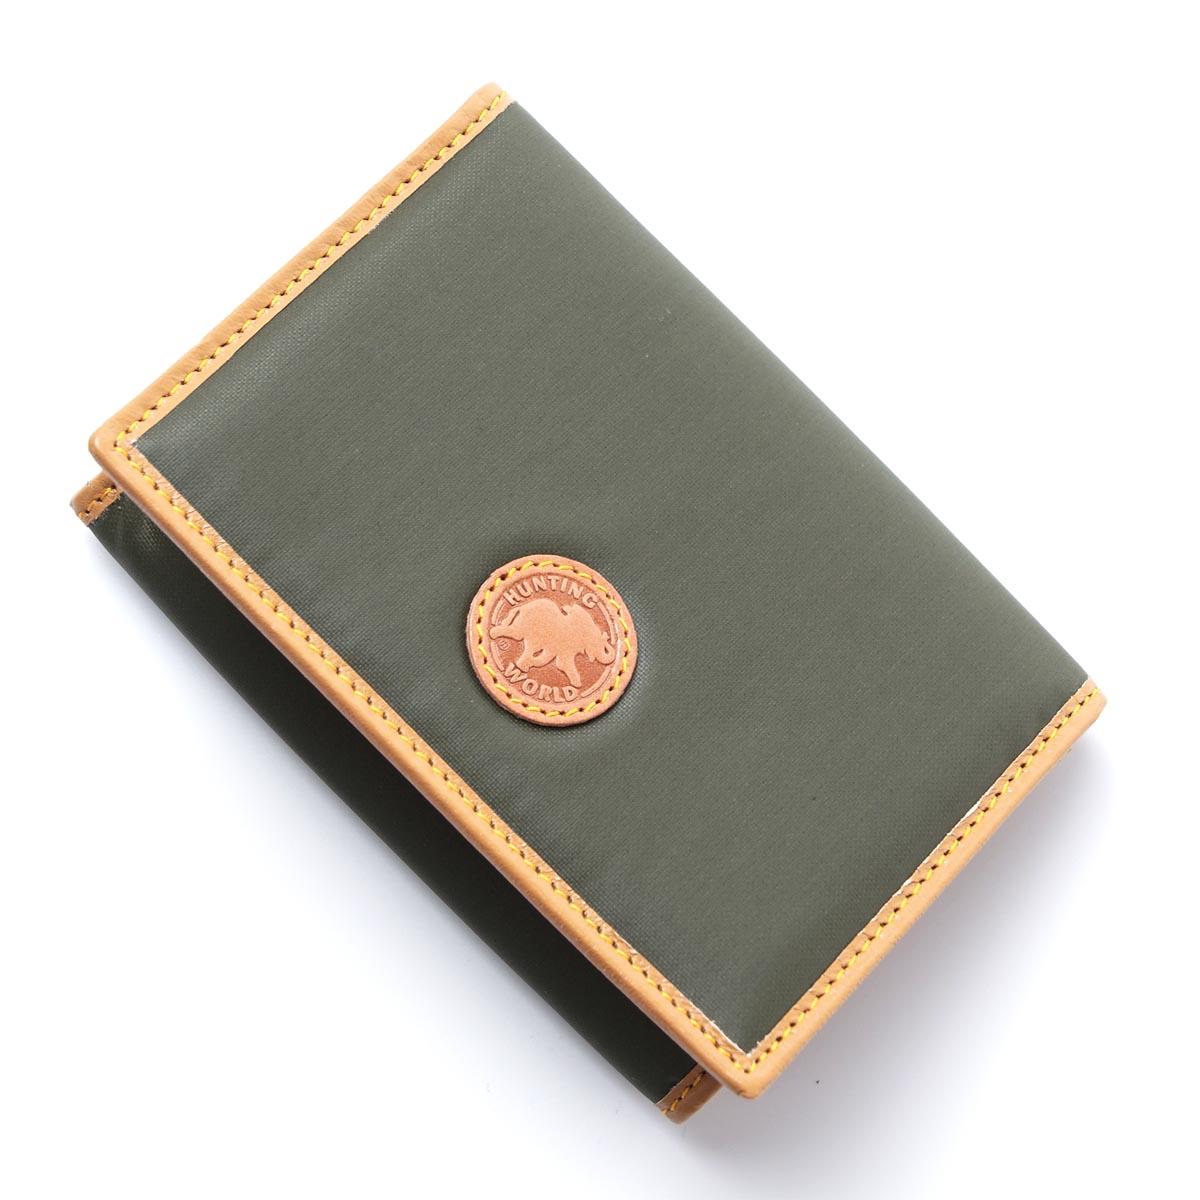 ハンティングワールド HUNTING WORLD カードケース 名刺入れ IDポケット付き グリーン メンズ 157 10a BATTUE ORIGIN【ラッピング無料】【返品送料無料】【あす楽対応_関東】